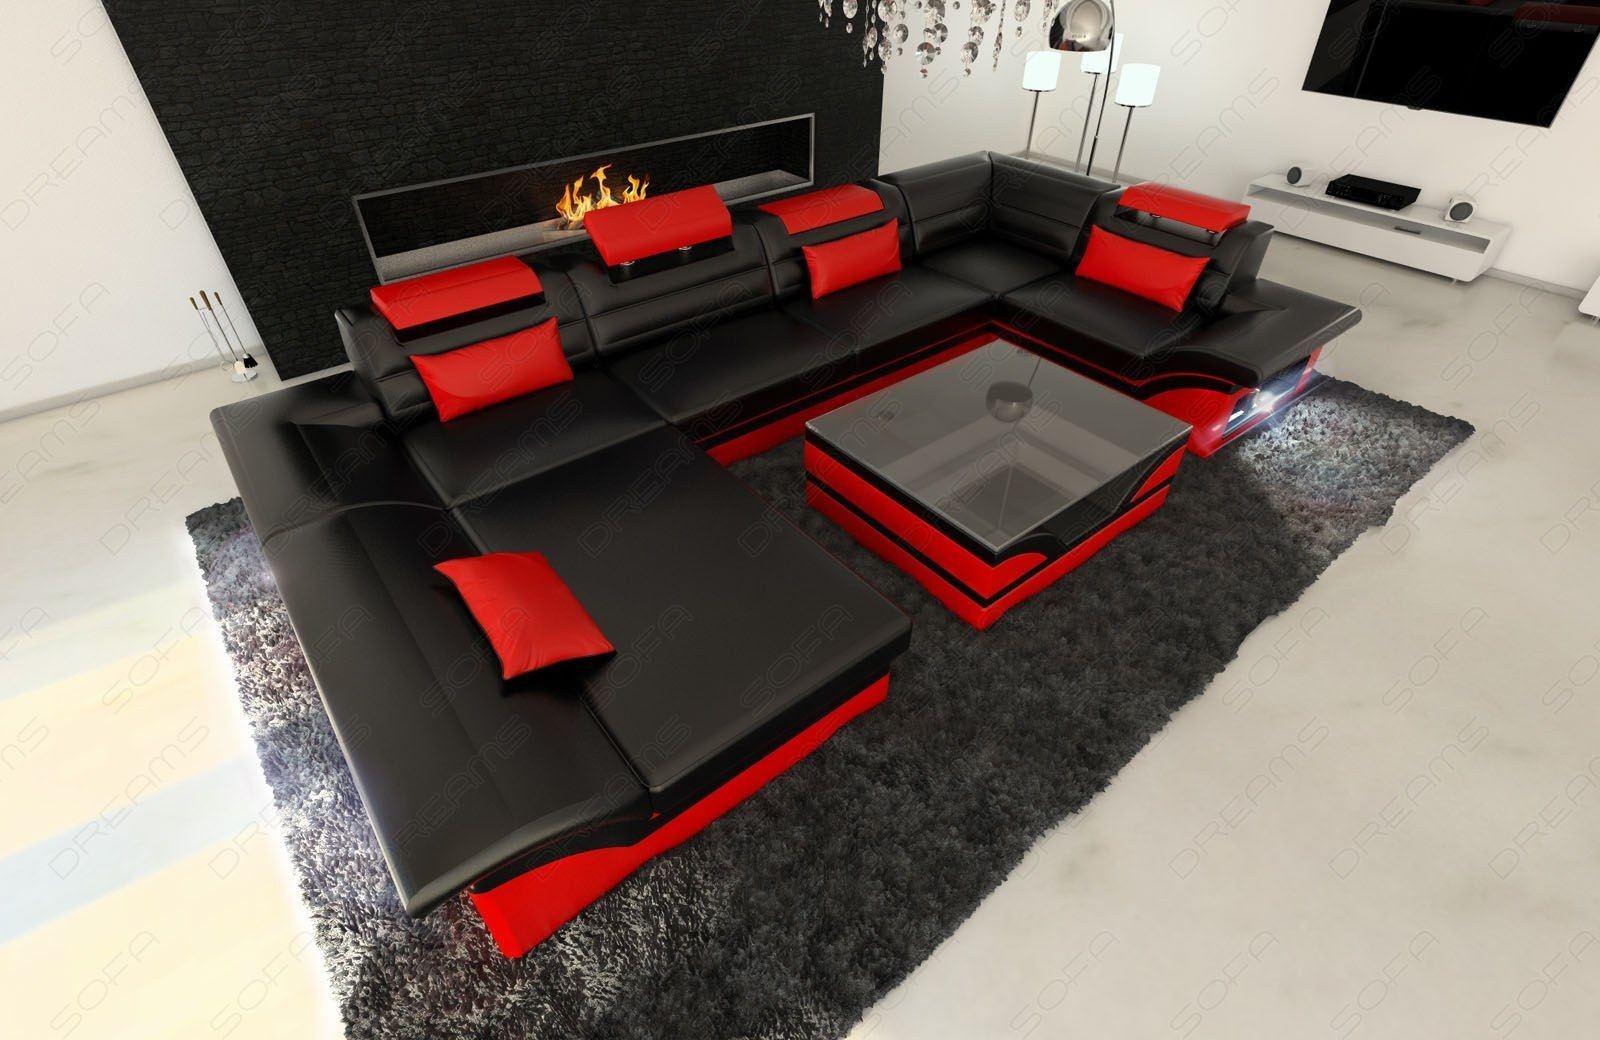 Full Size of Luxus Sofa Design Wohnlandschaft Enzo U Form In Leder Mit Led Beleuchtung Türkis L Schlaffunktion Elektrisch Garnitur 3 Teilig Polyrattan Xxl Groß Grau Tom Sofa Luxus Sofa